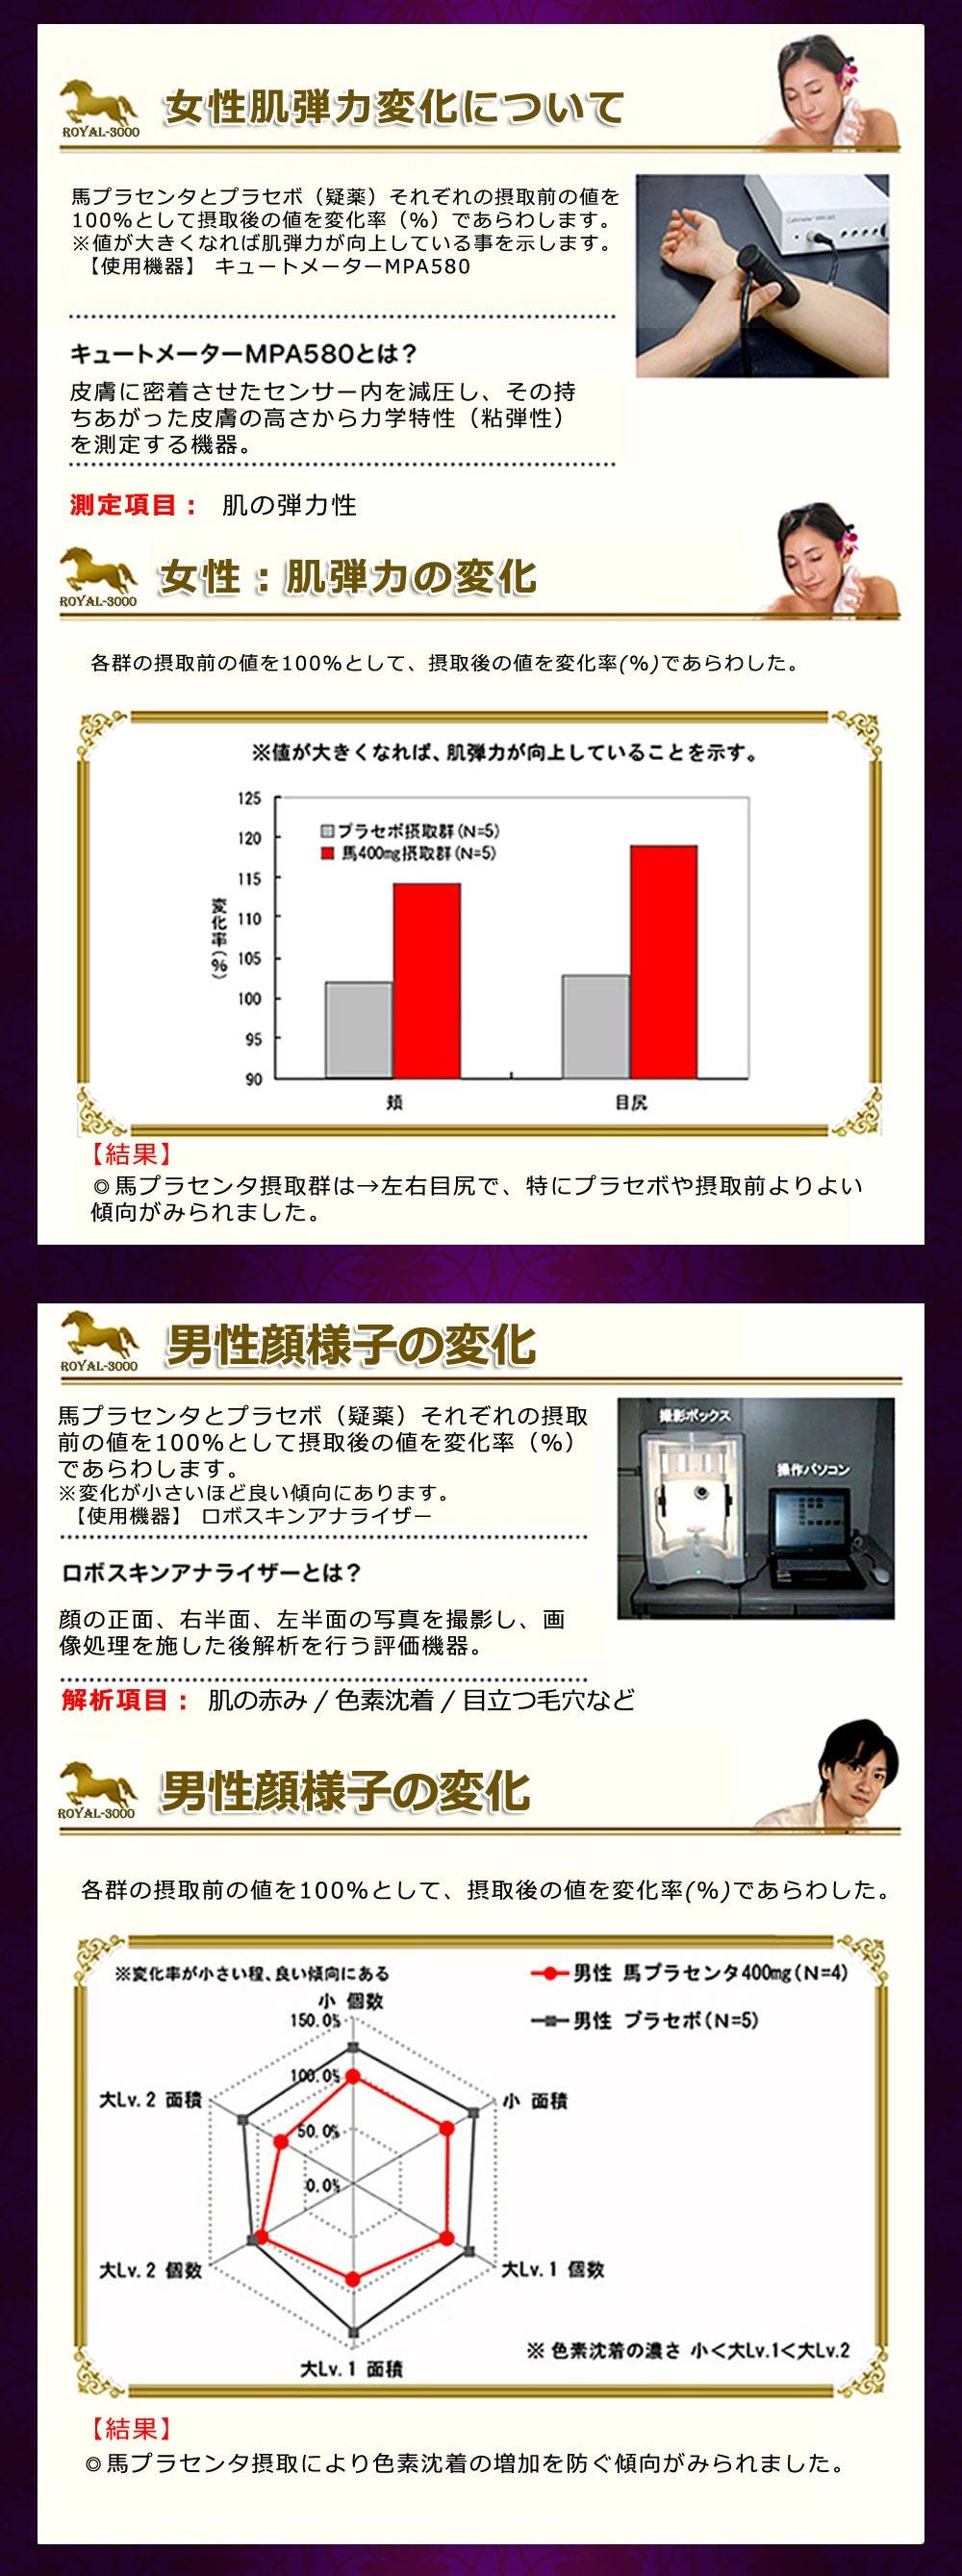 北海道サラブレッドプラセンタ原末 美肌 潤い 色素沈着に対して効果データ